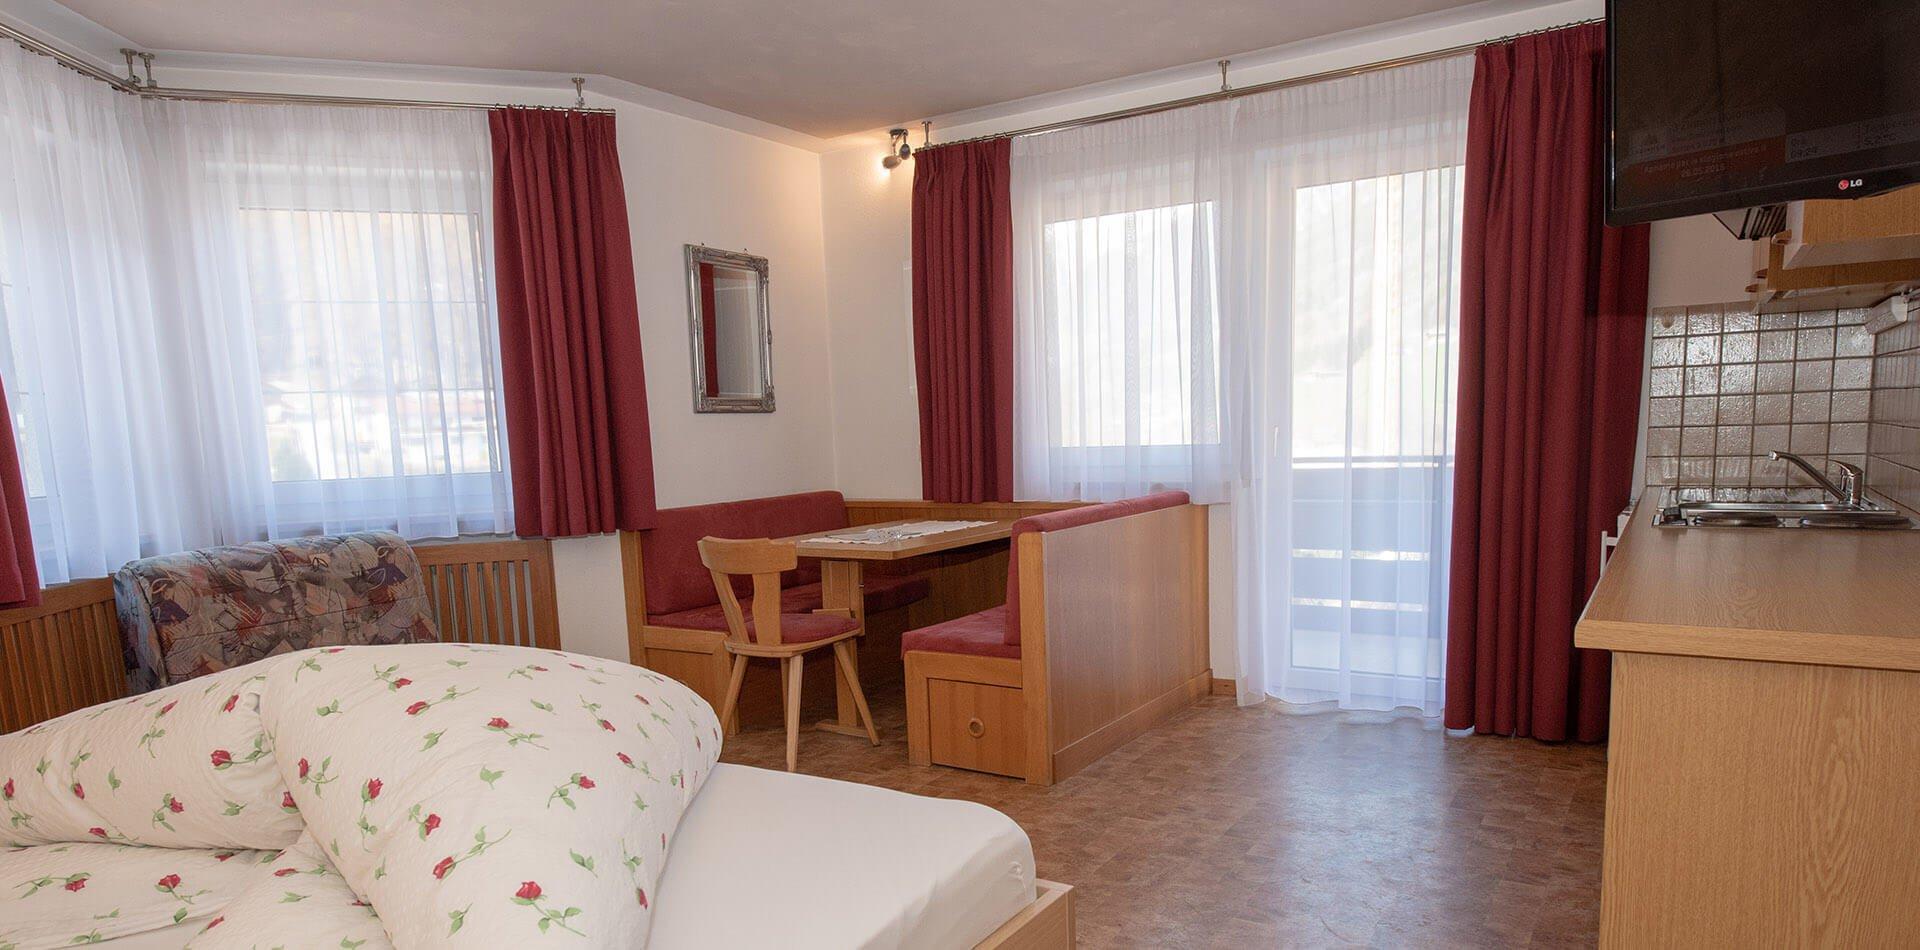 Einraumappartments im Ahrntal - Ferienwohnungen in Südtirol